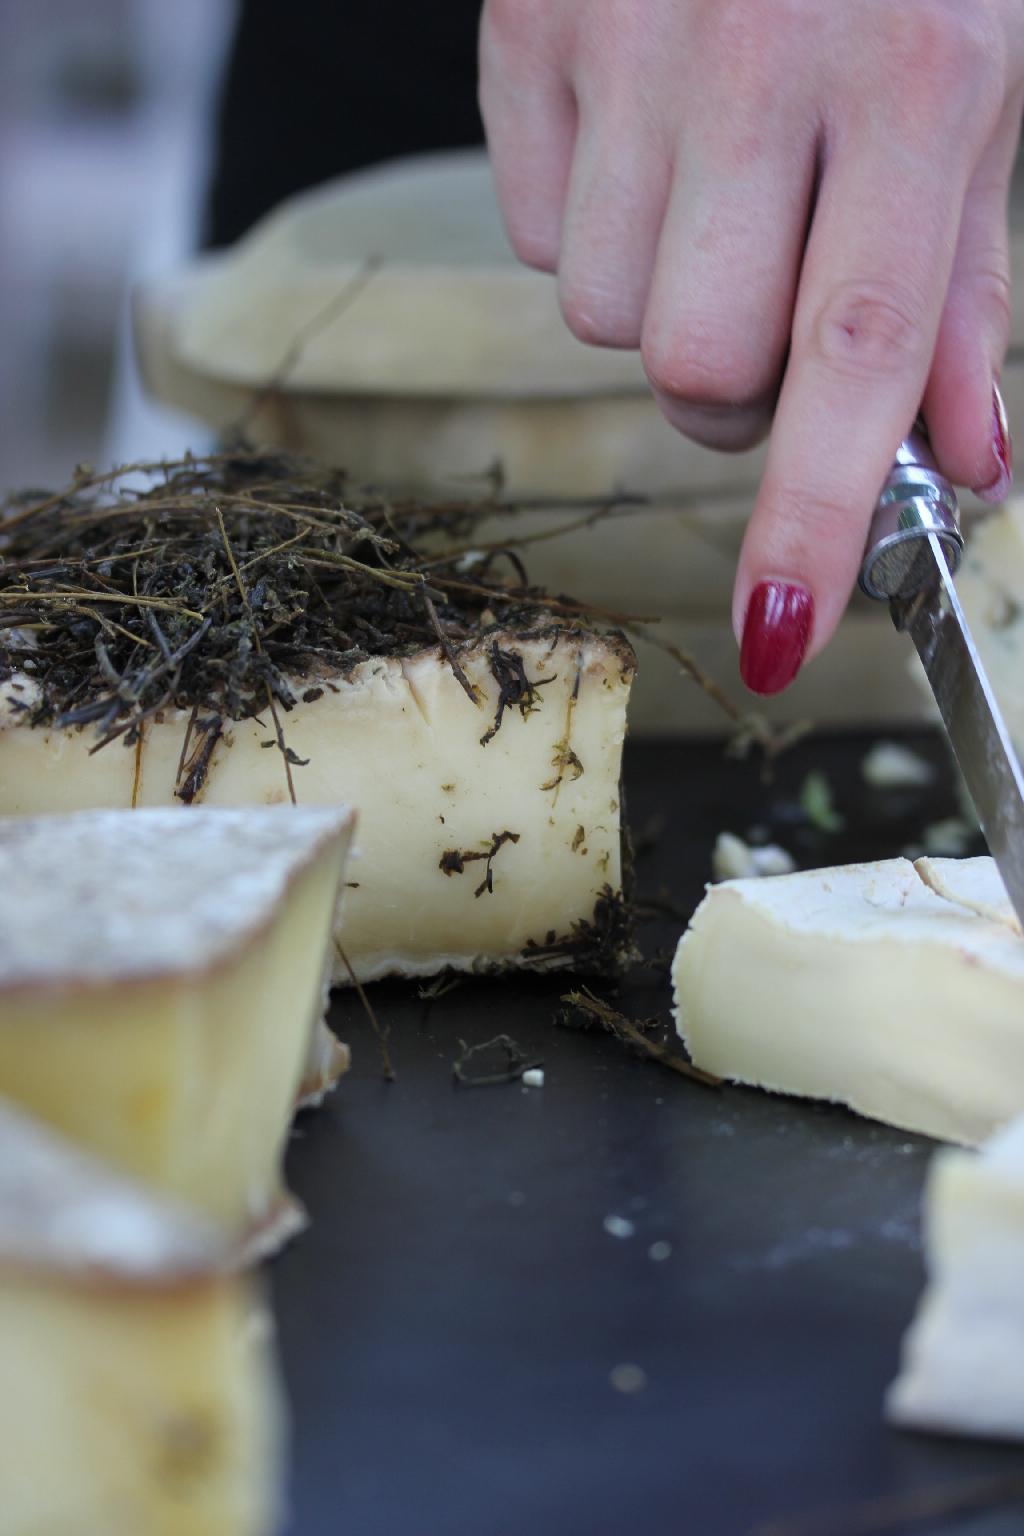 Aix_les_bains-lac_du_bourget-Restaurant-Auberge-Lamartine-etoile-gastronomie-Pierre_Marin-fromage.